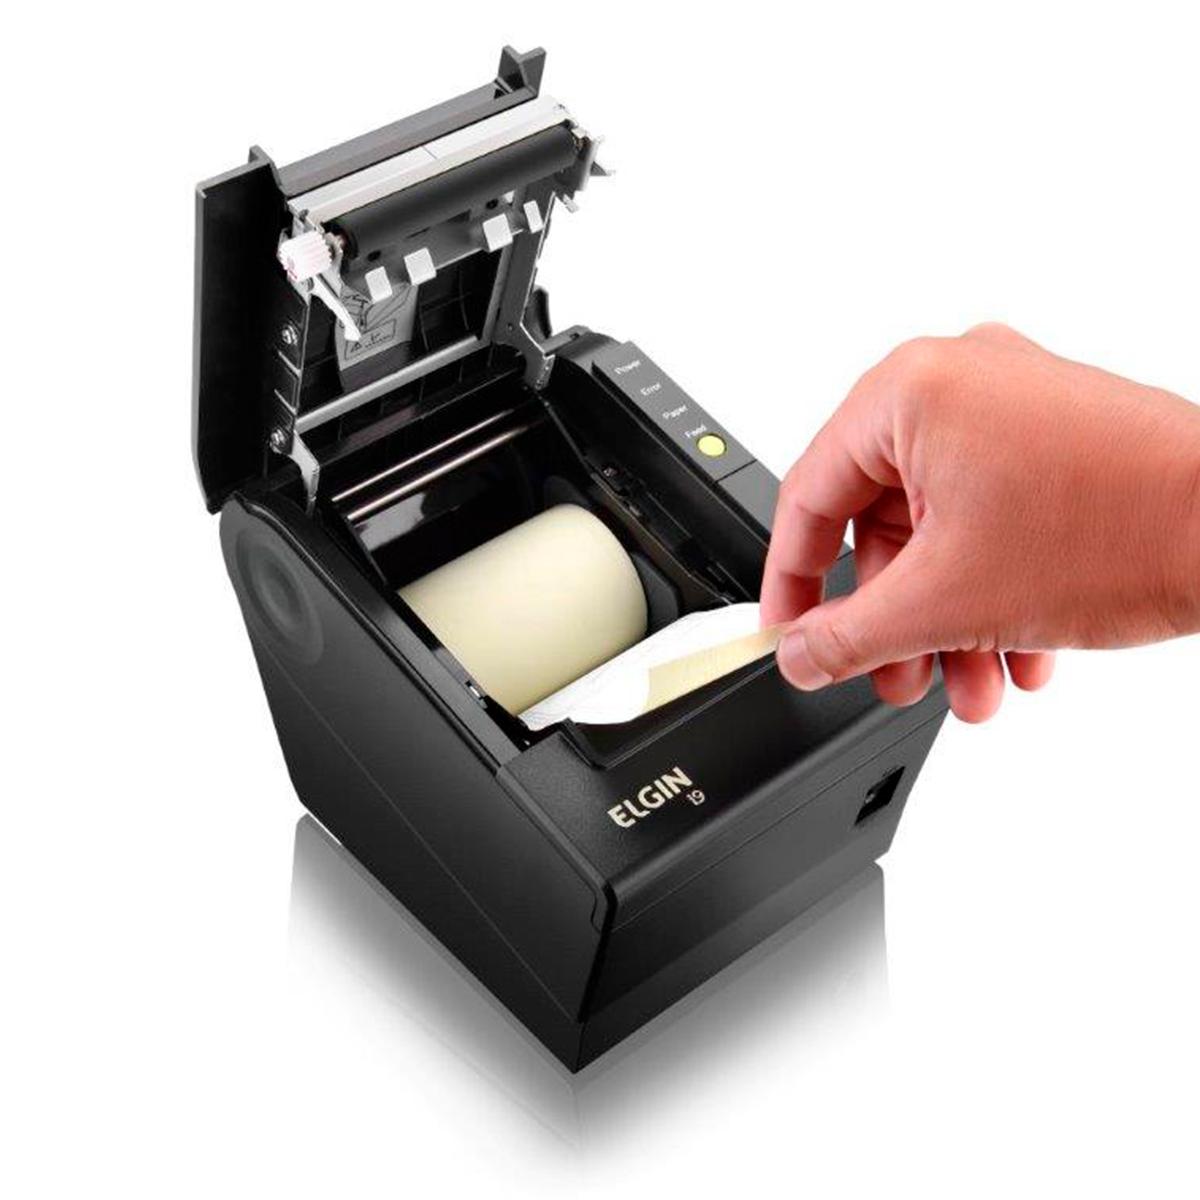 Impressora Elgin I9 Não Fiscal Usb C/ Guilhotina - 46I9UGCKD002